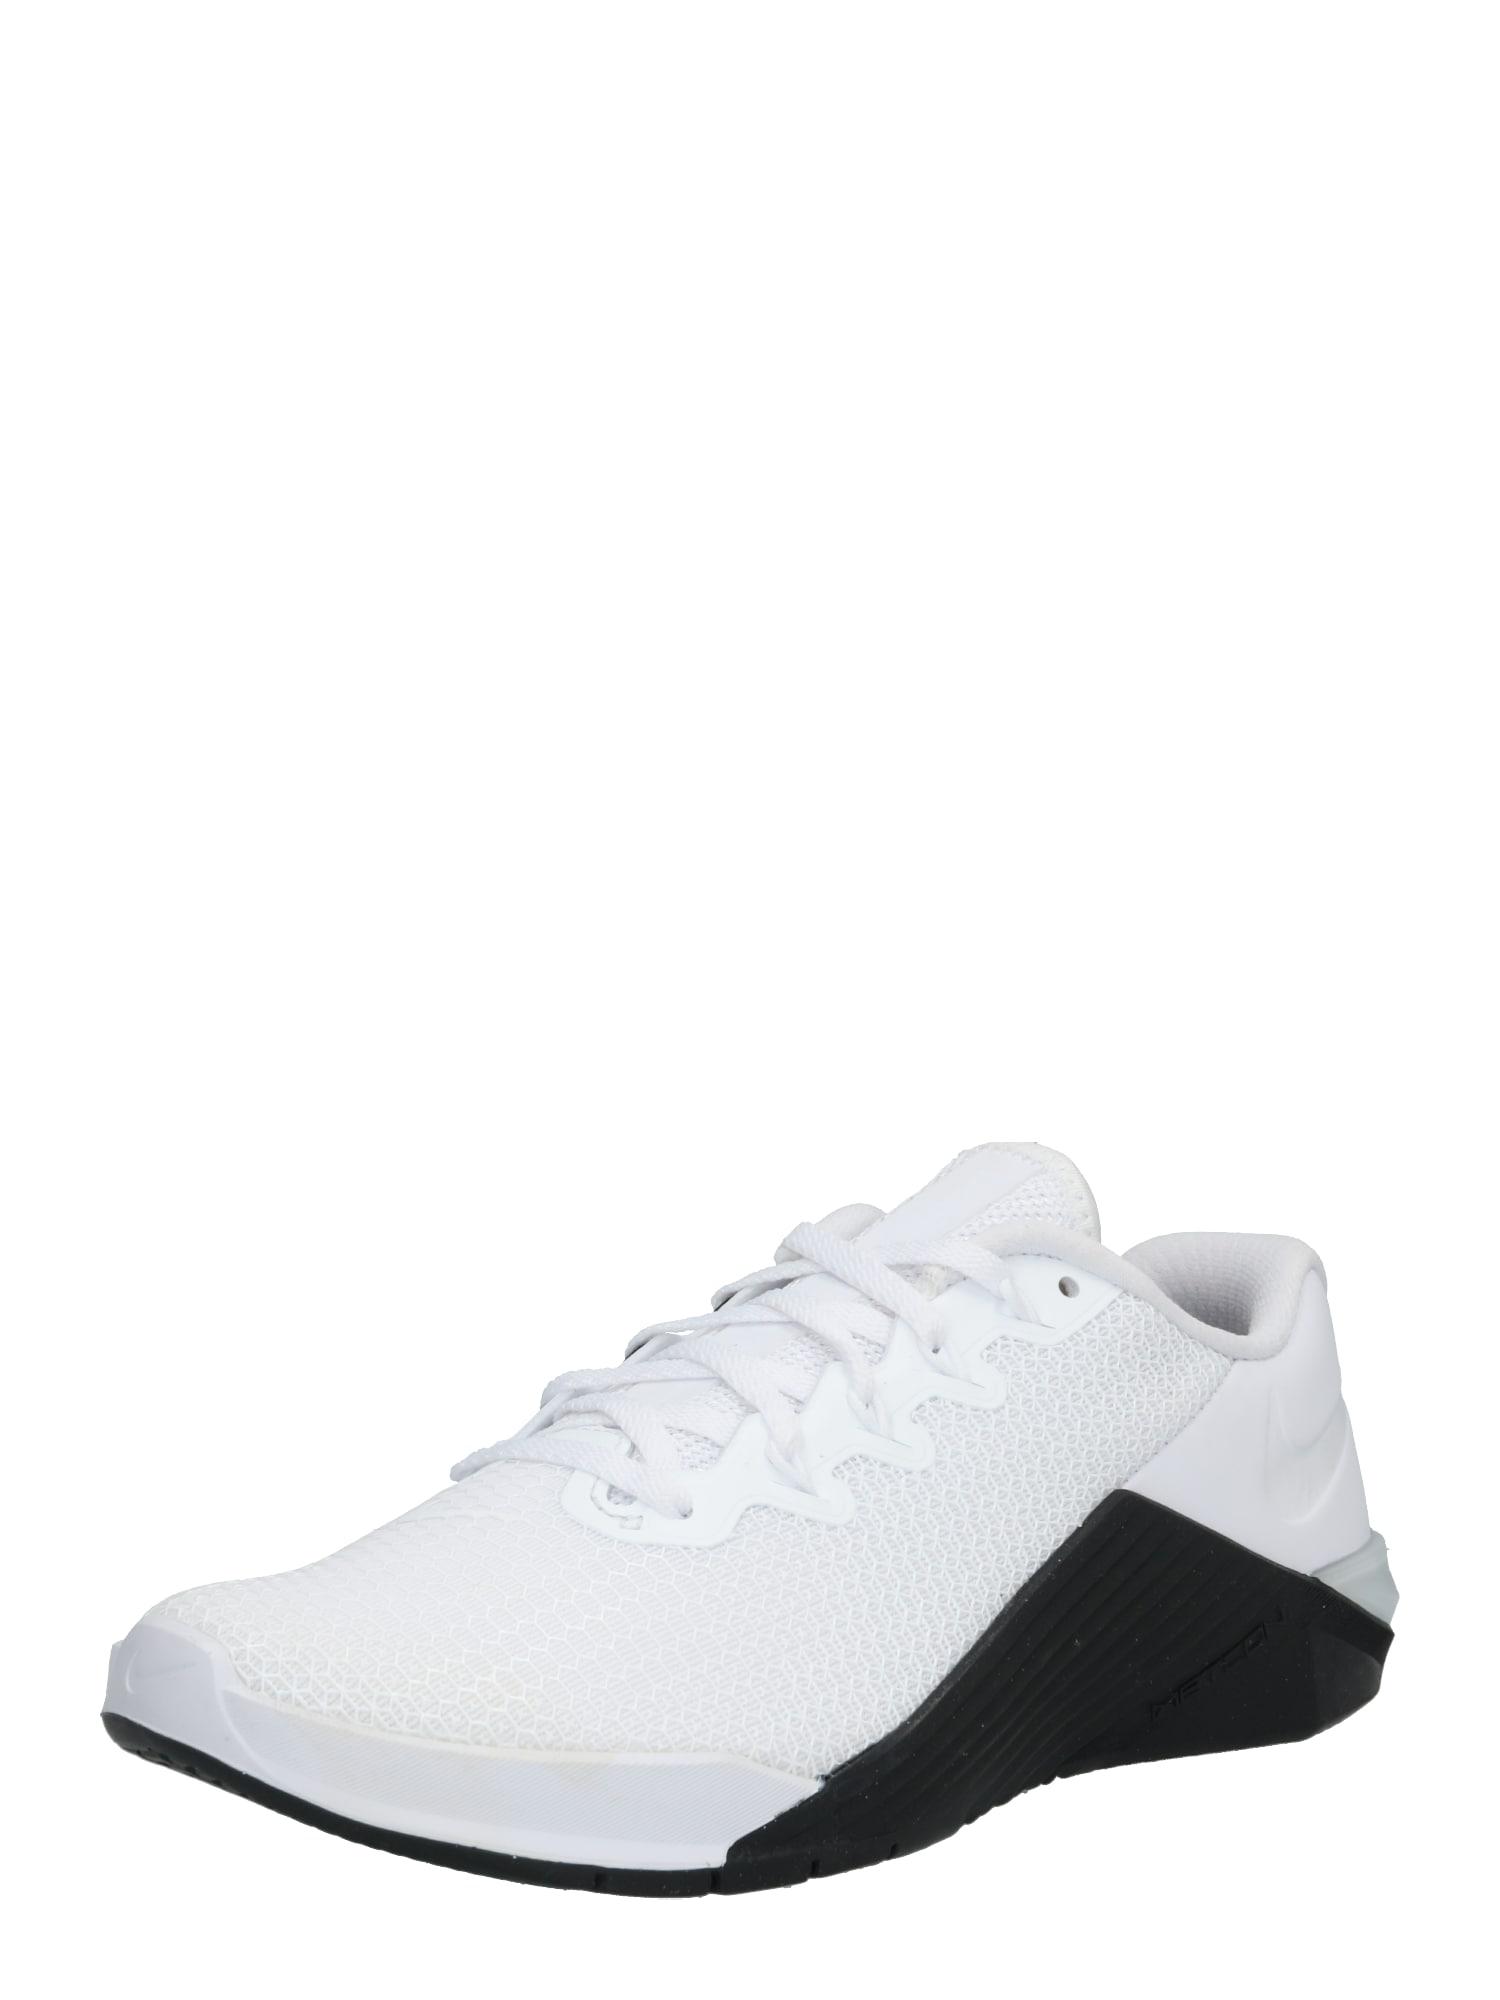 Sportovní boty WMNS METCON 5 černá bílá NIKE